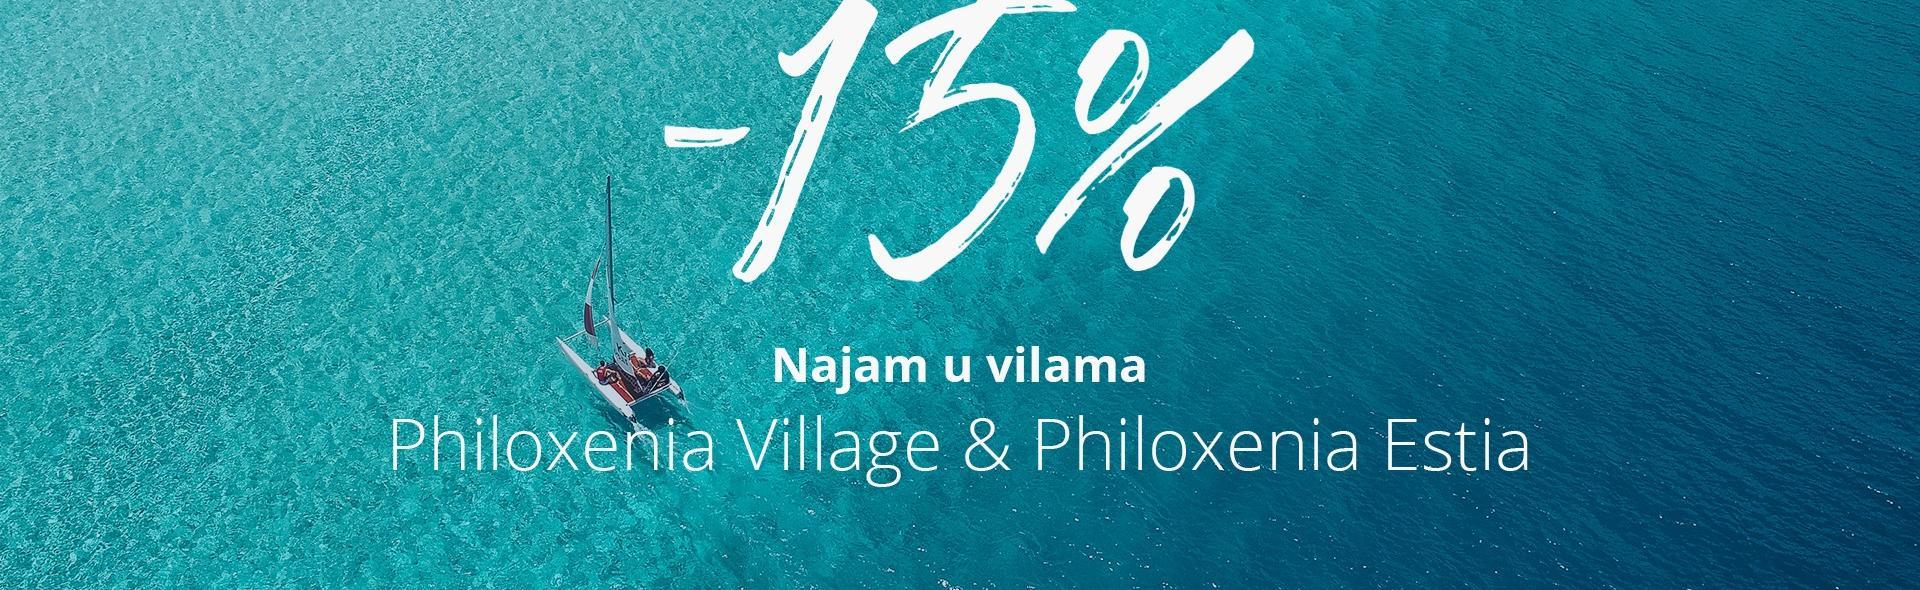 Philoxenia Travel